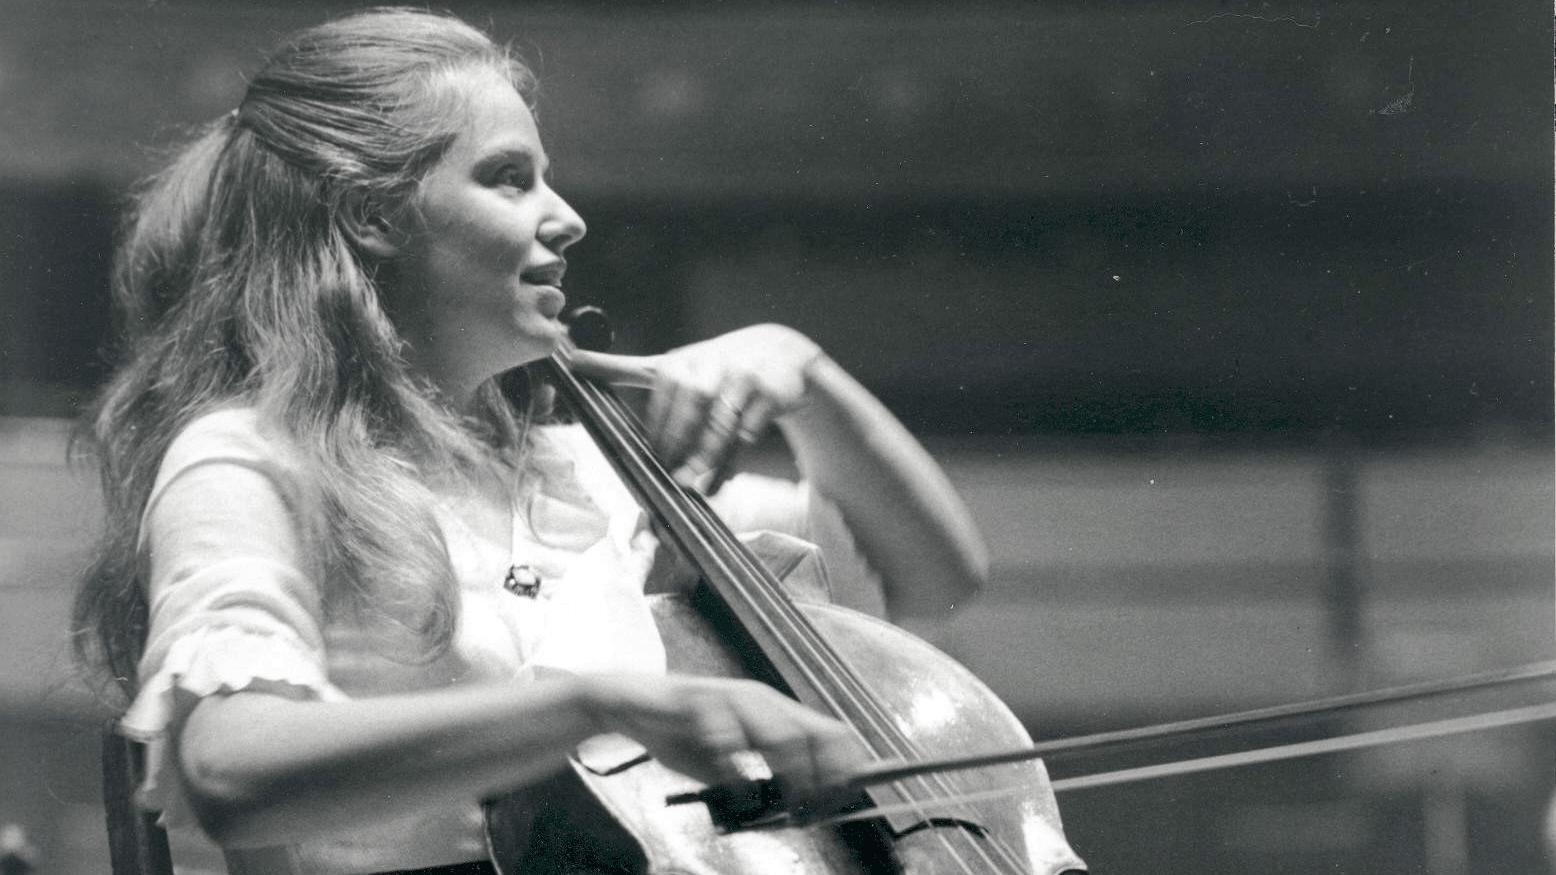 Жаклин Дю Пре, прекрасная виолончелистка, чья жизнь оборвалась так рано и так трагично…